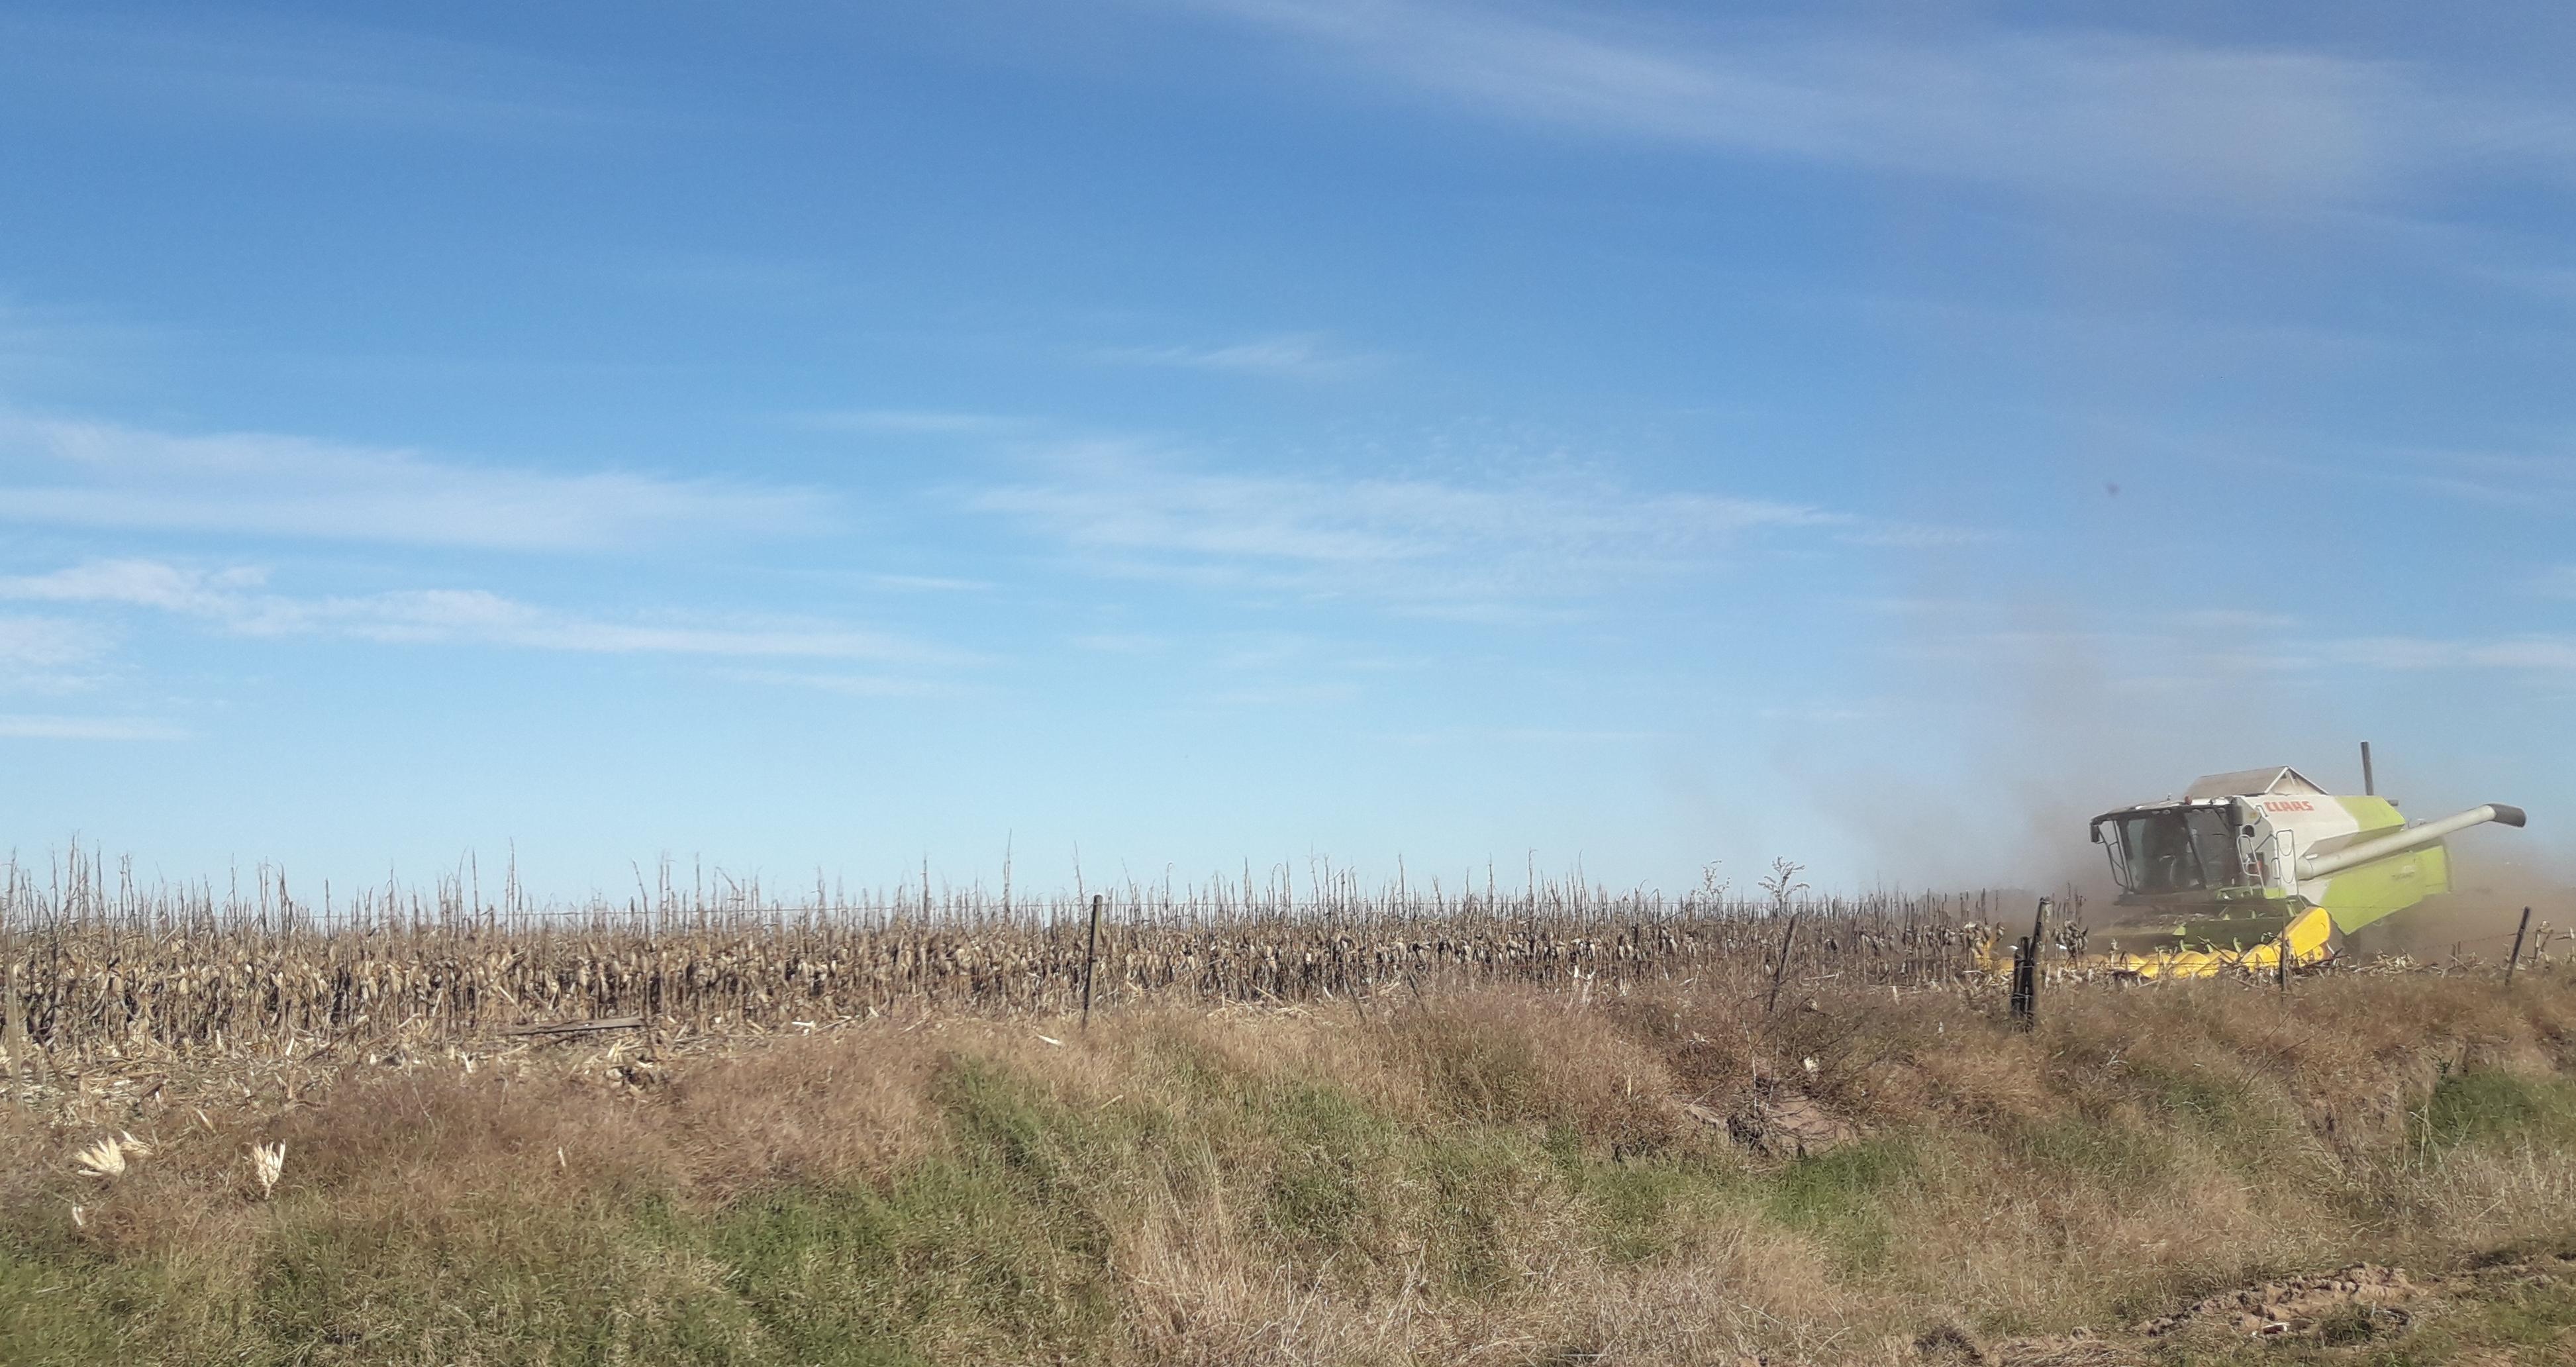 El campo otra vez vuelve a ser el salvataje: frenan la baja de retenciones a la soja y suben 10 por ciento al trigo y al maíz